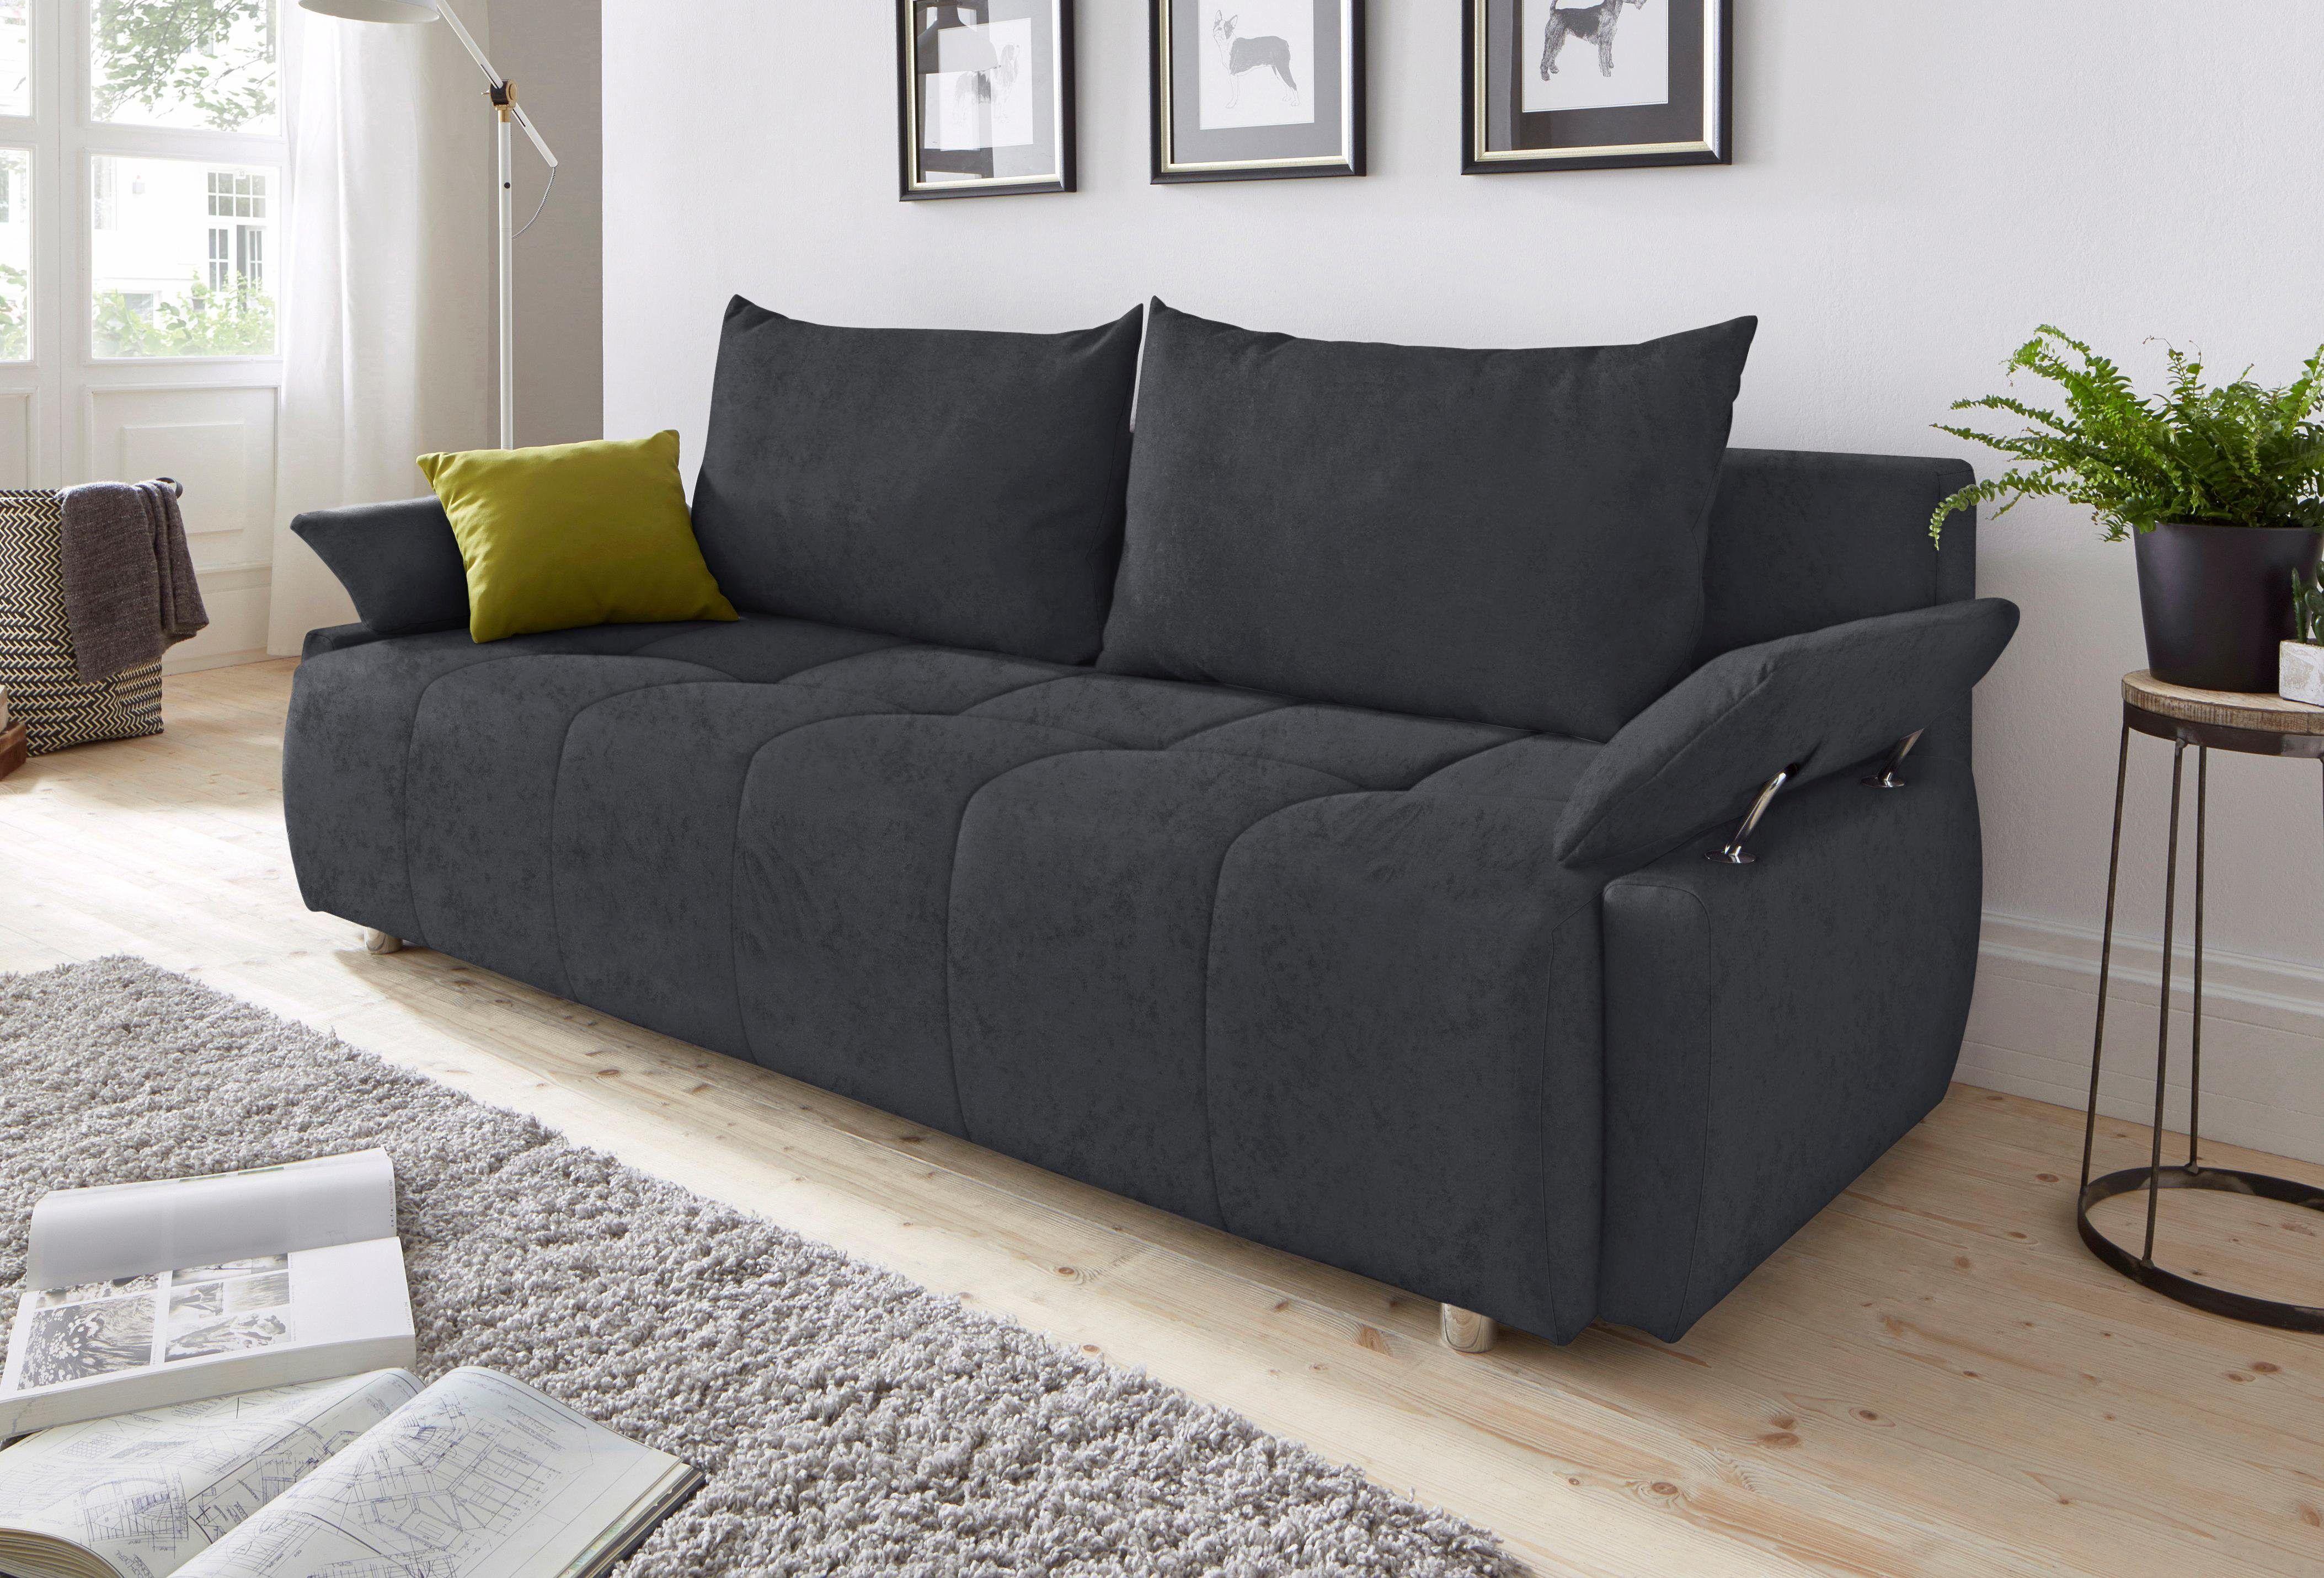 Schlafsofas Fur Zusatzlichen Komfort Fur Tag Und Nacht Sofa